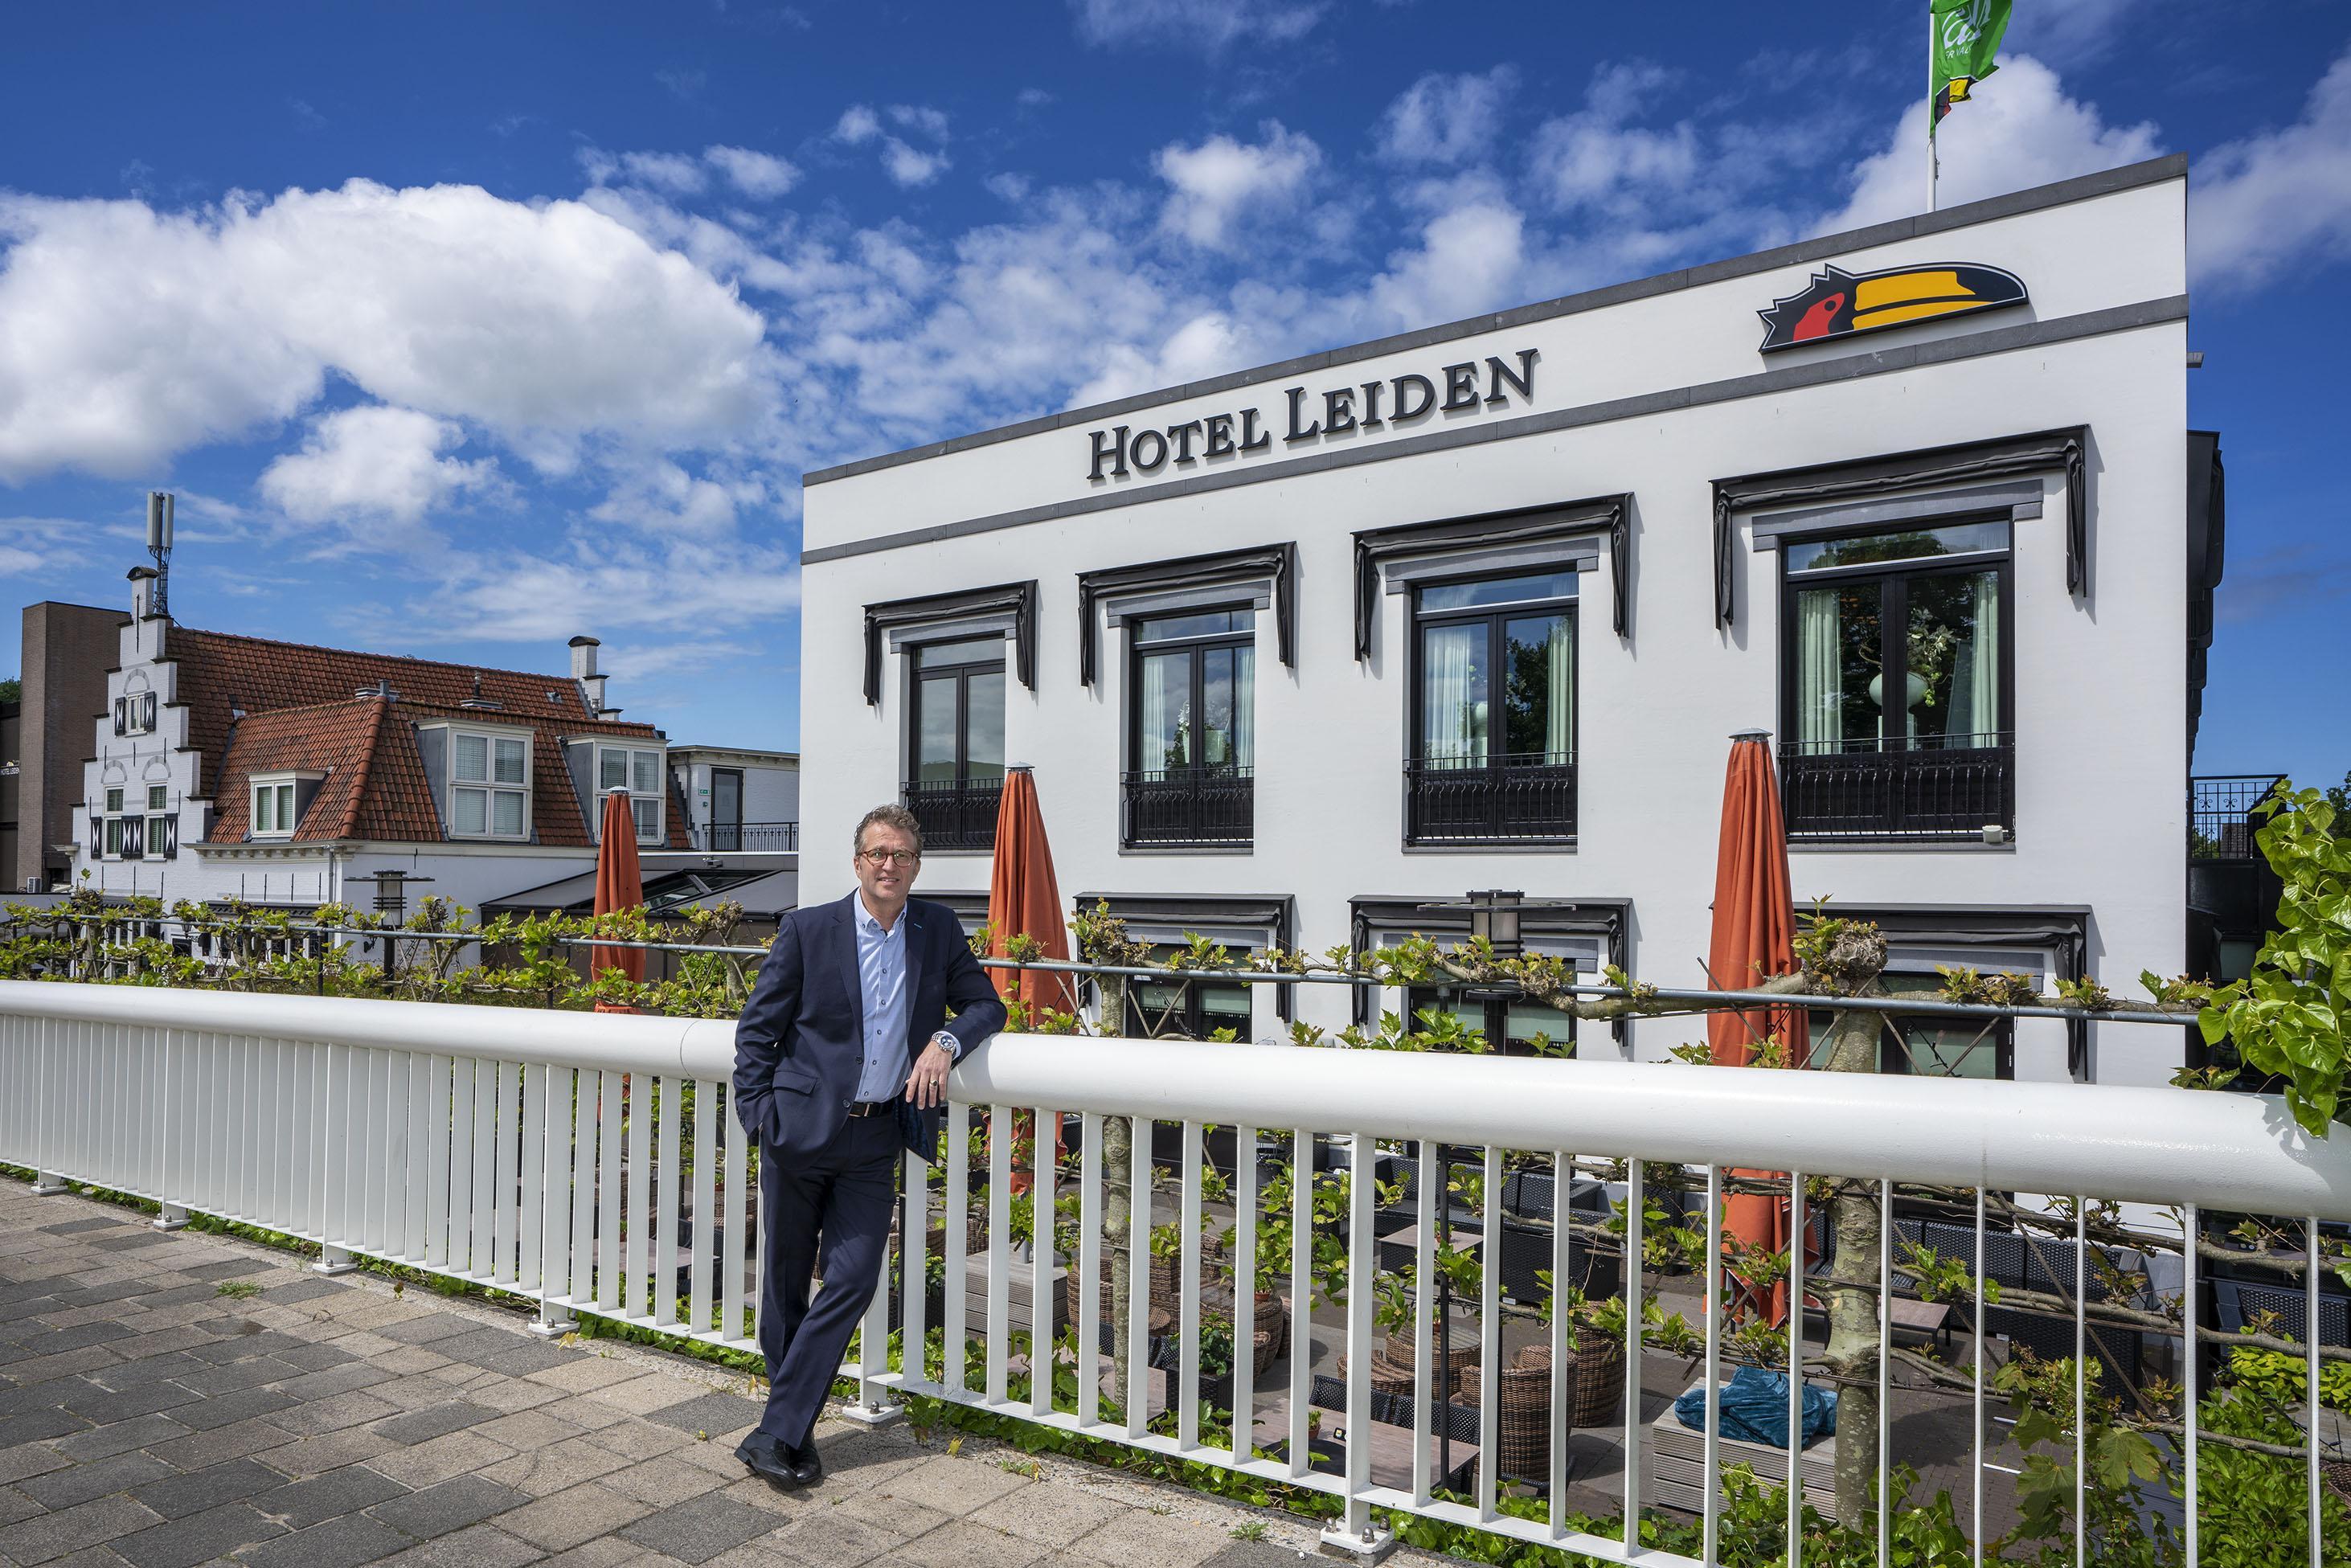 'Dramatische' omzet hotels in coronatijd: 'Het is een bloedbad'